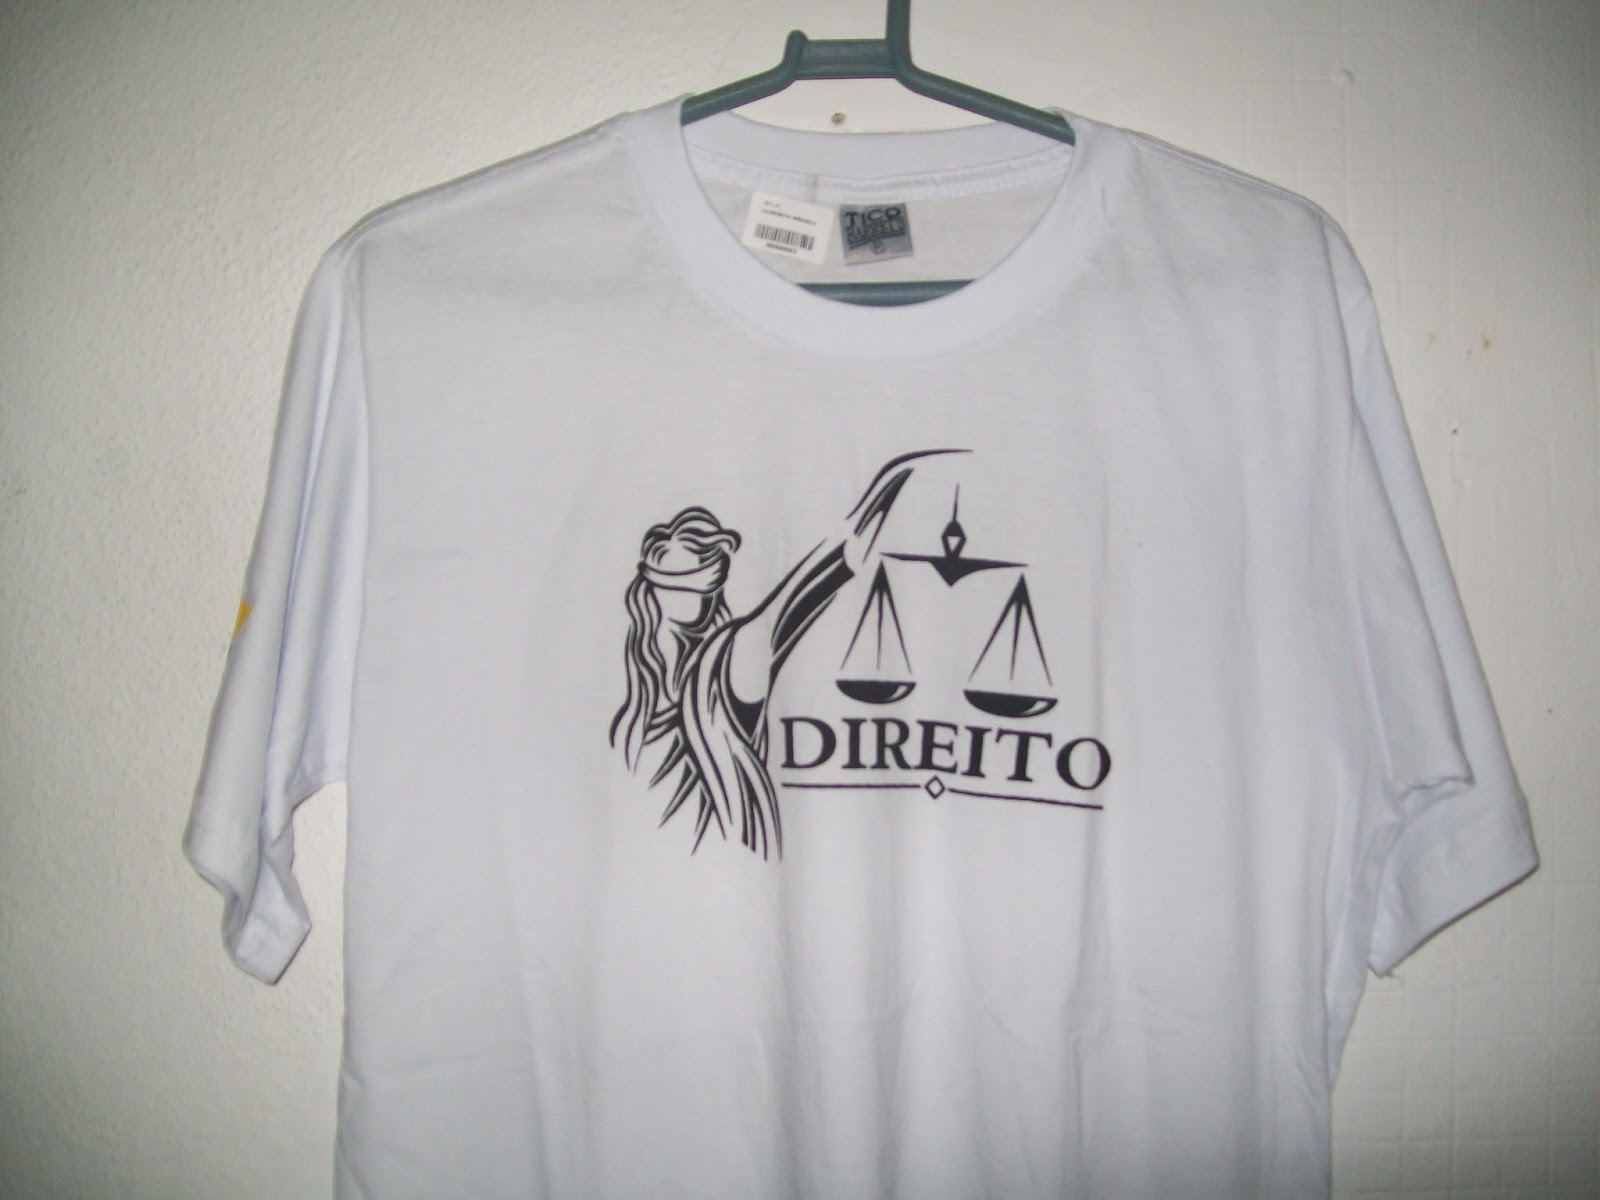 006093868a6f1 CAMISETAS DIREITO